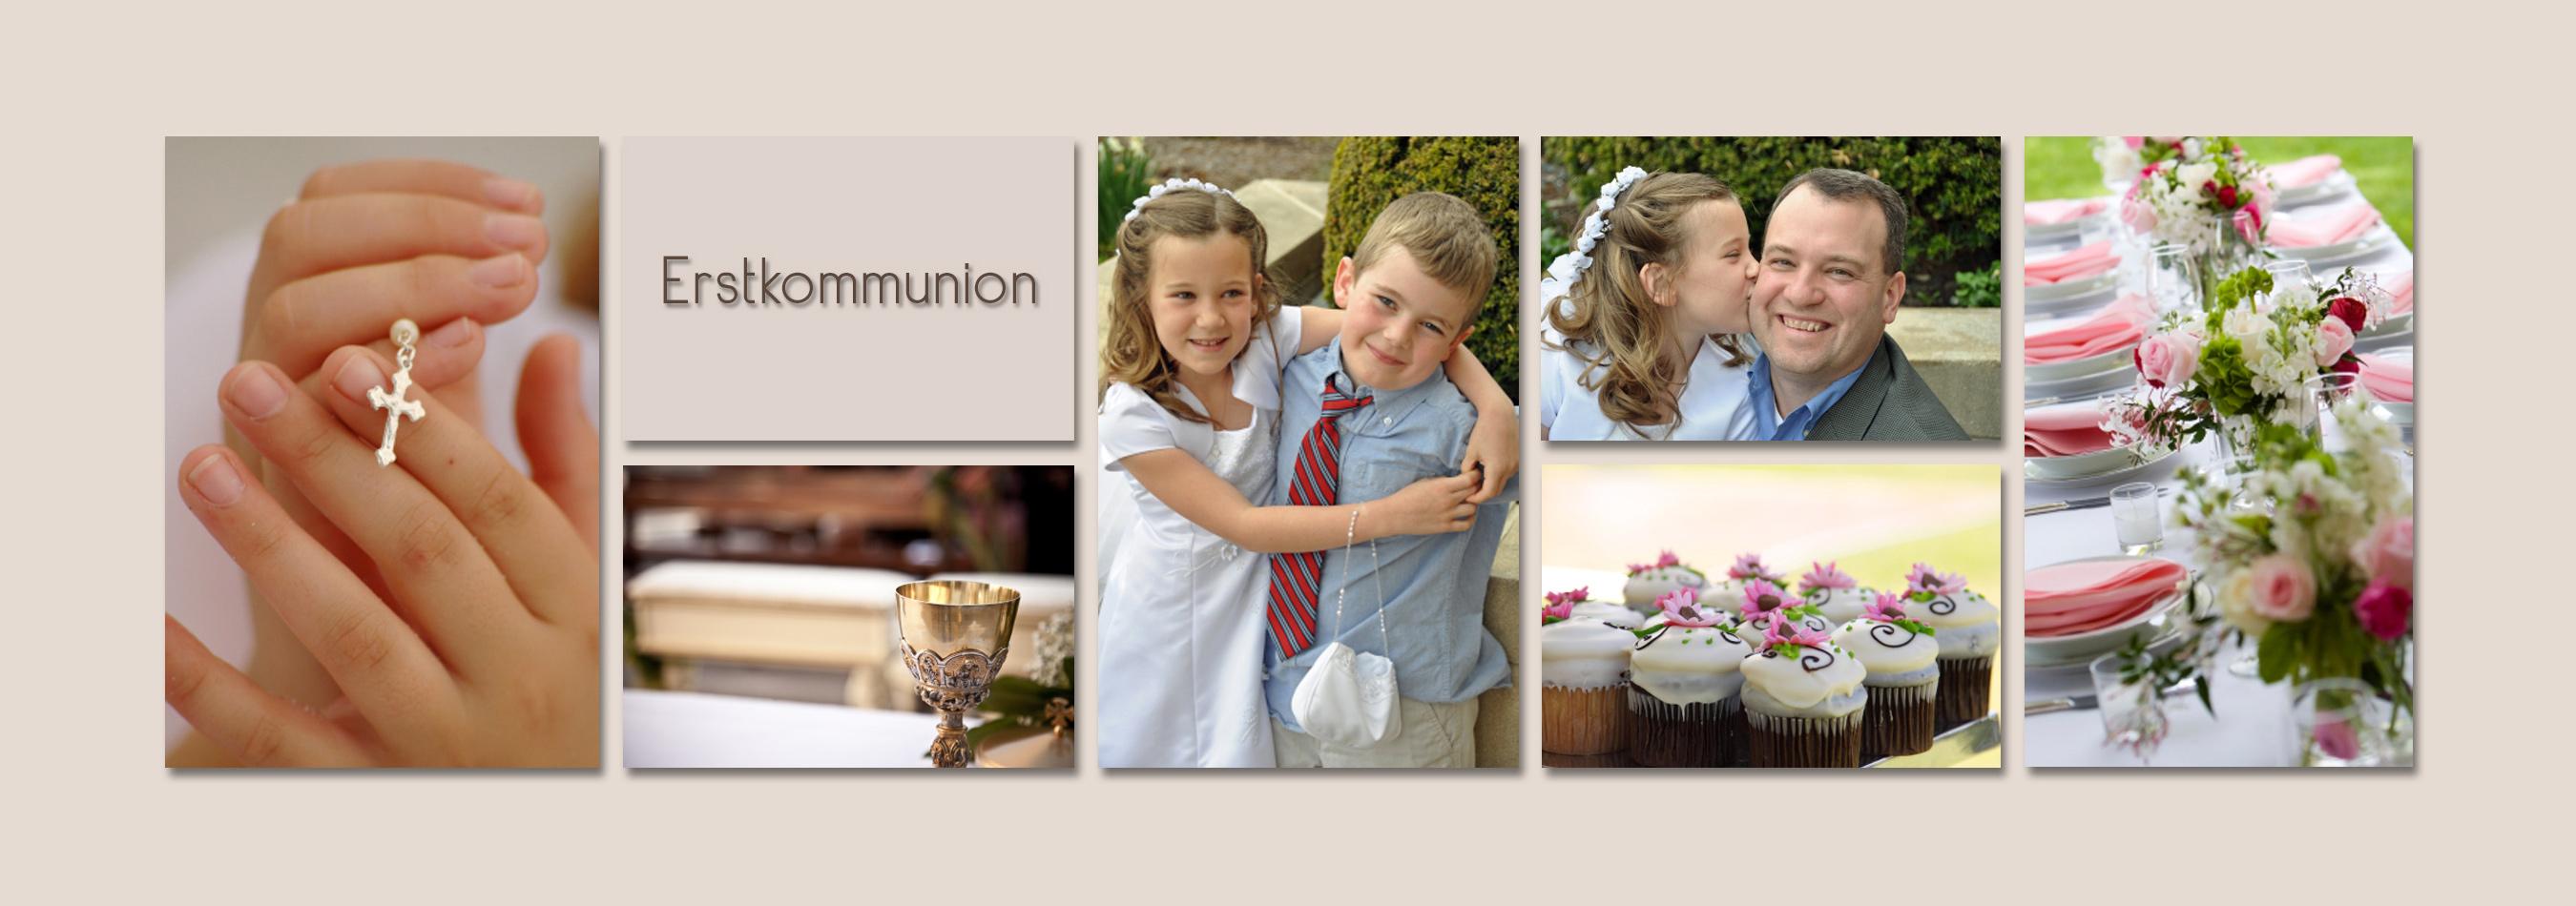 03_Erstkommunion.jpg